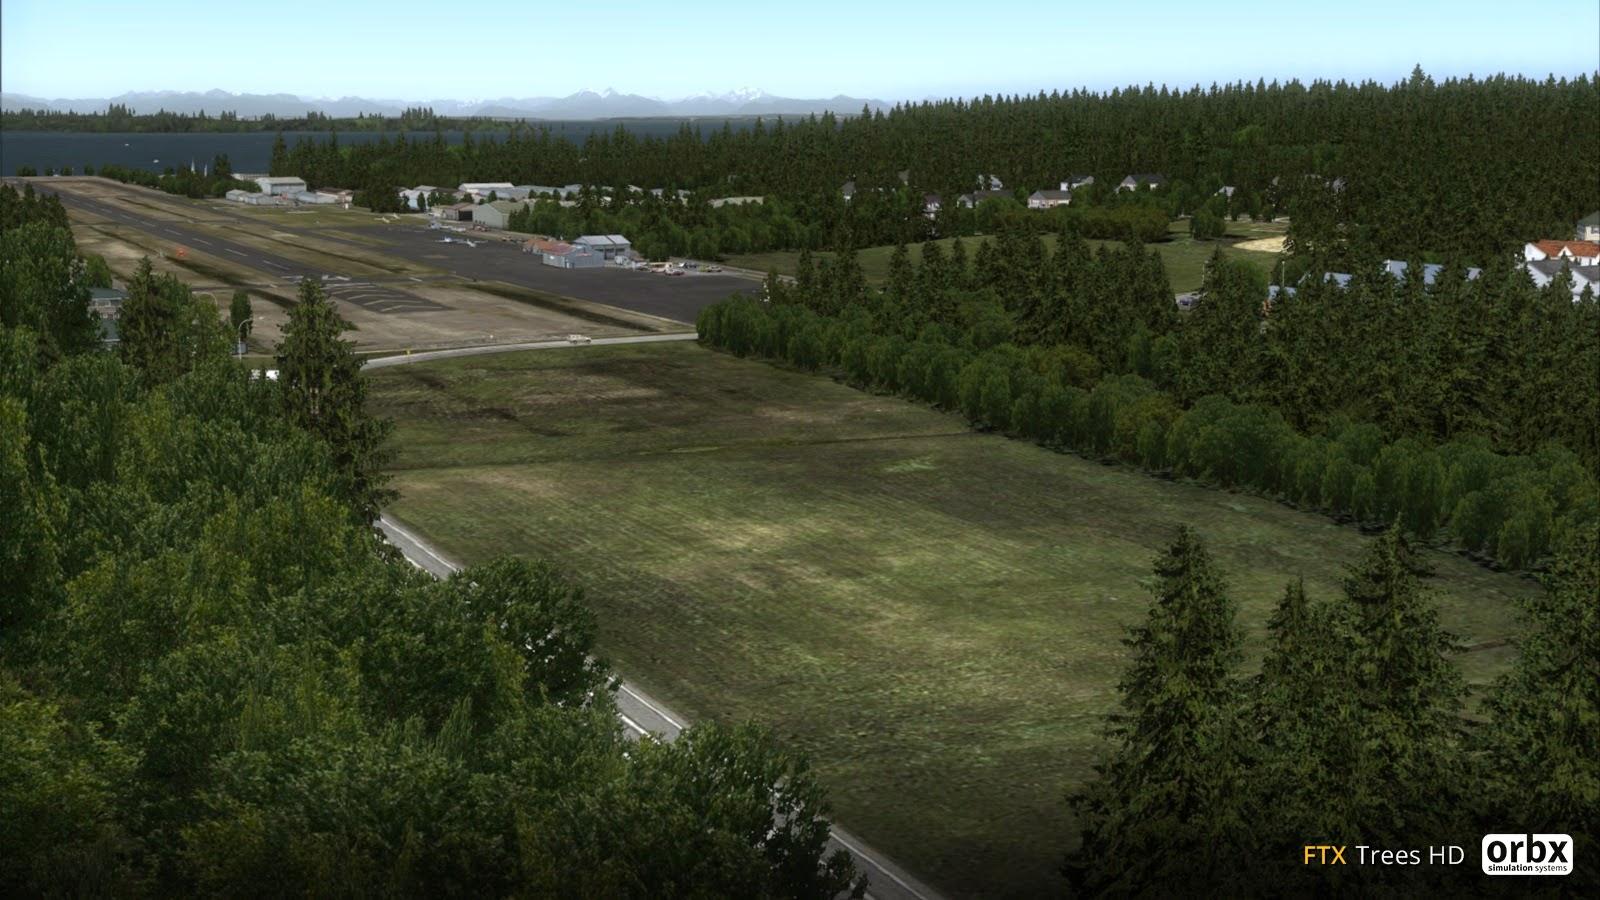 Accesorios para Simuladores de Vuelo: Orbx FTX Trees HD100 [FSX-P3D]